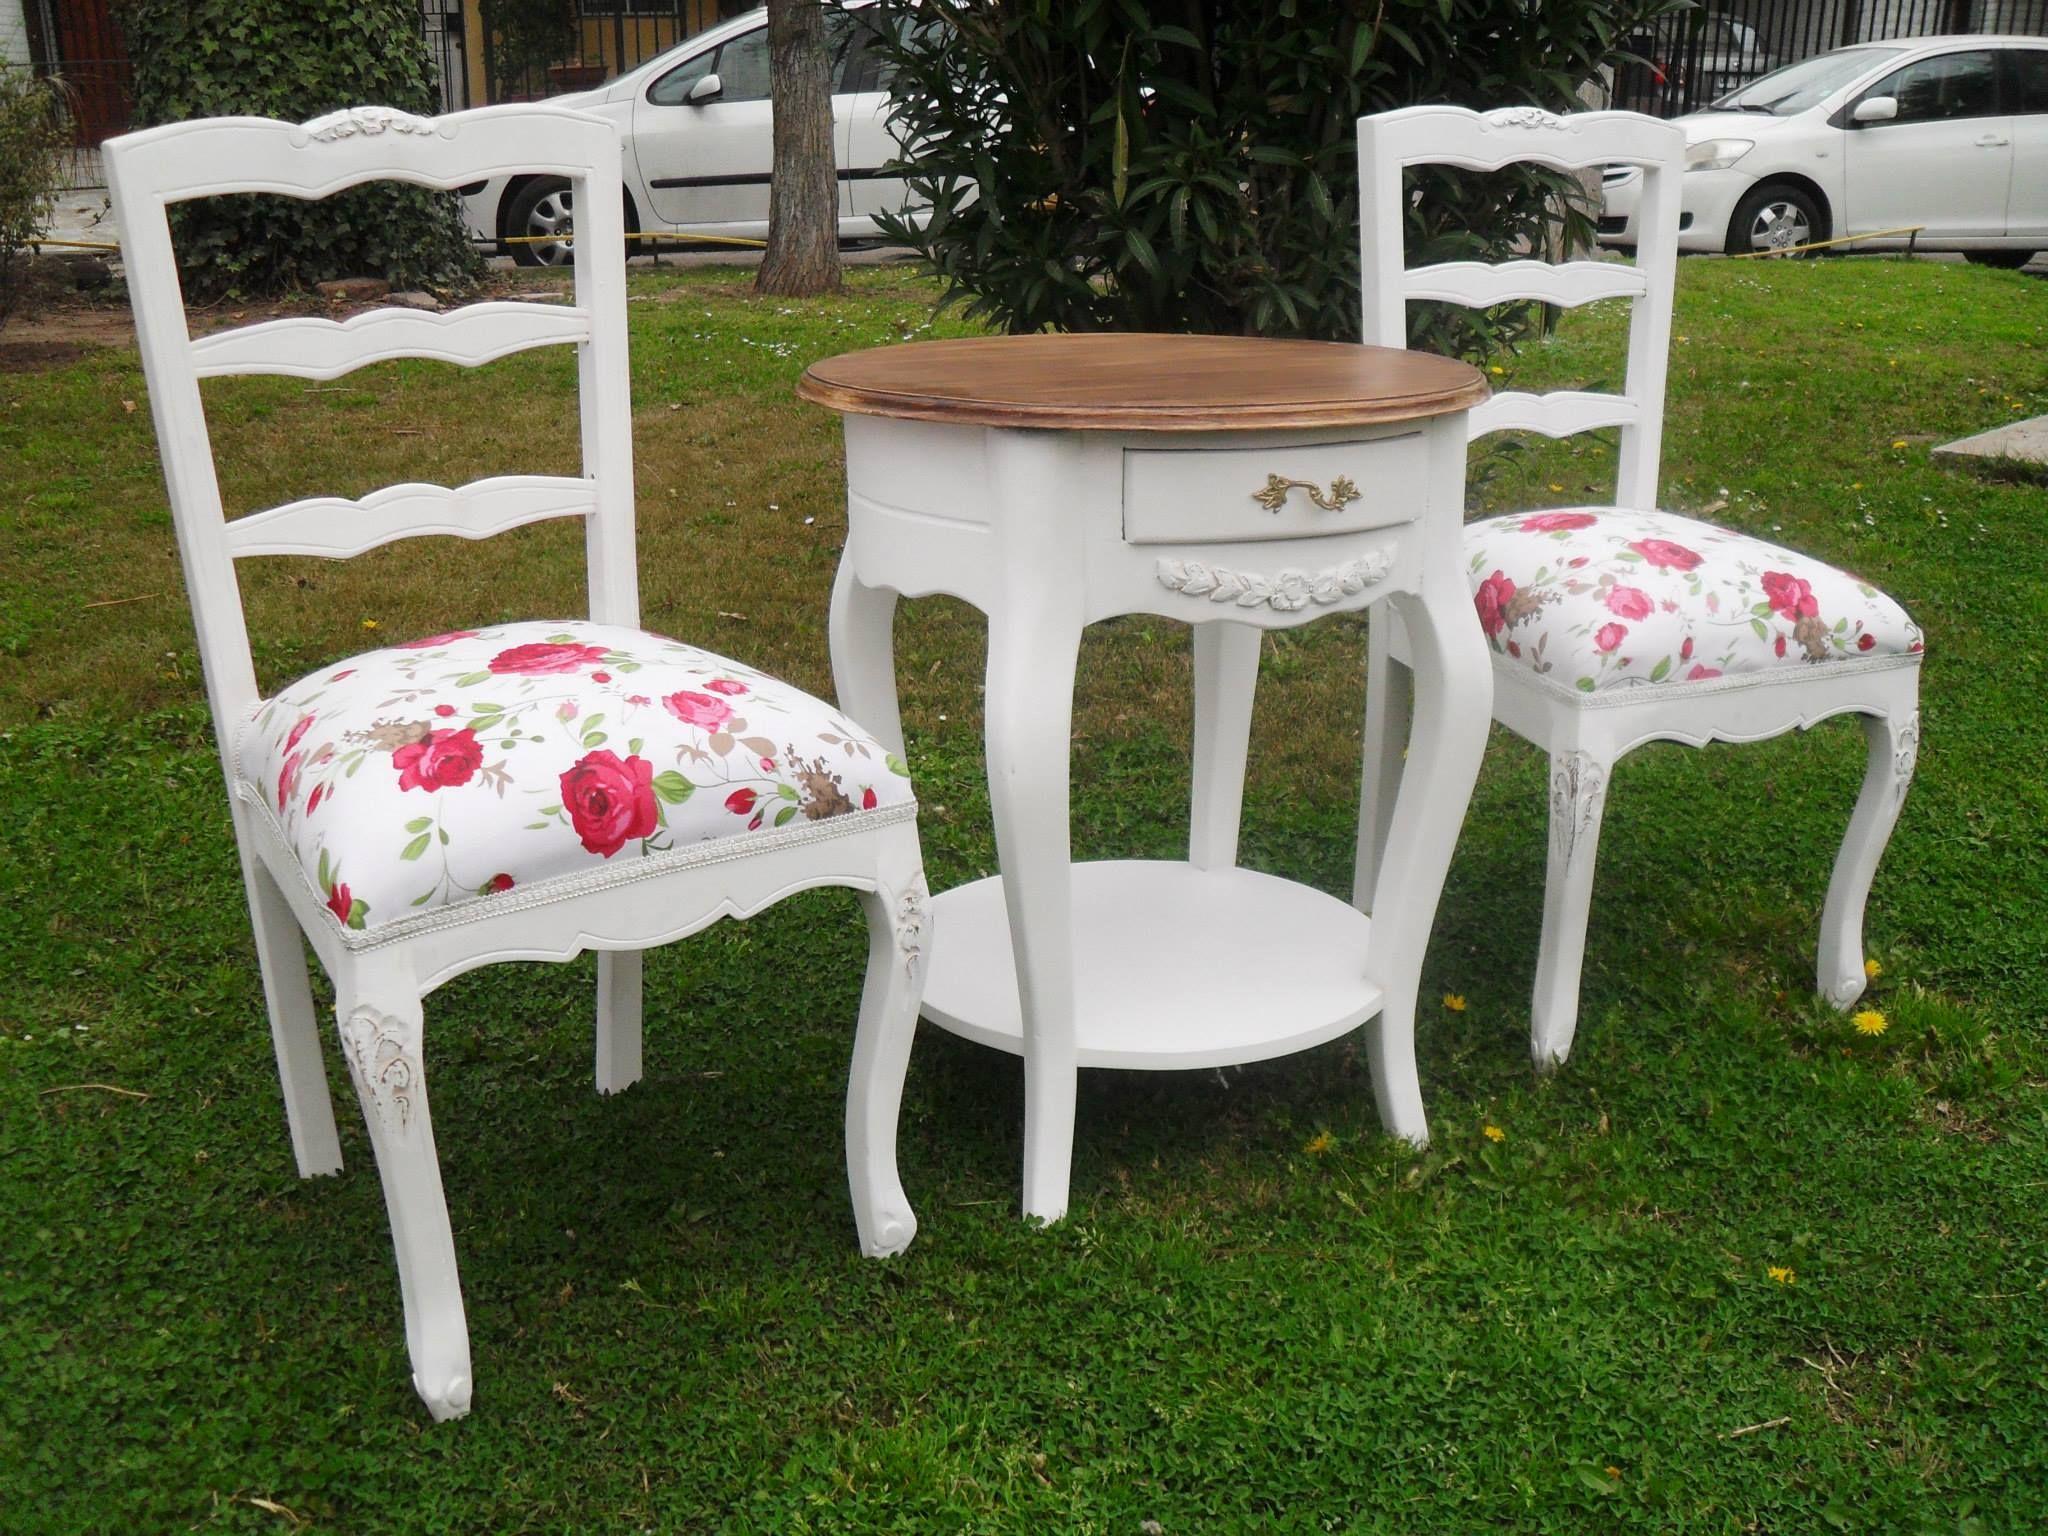 En decora muebles vas encontrar sillas y comensales a la - Muebles estilo luis xv ...